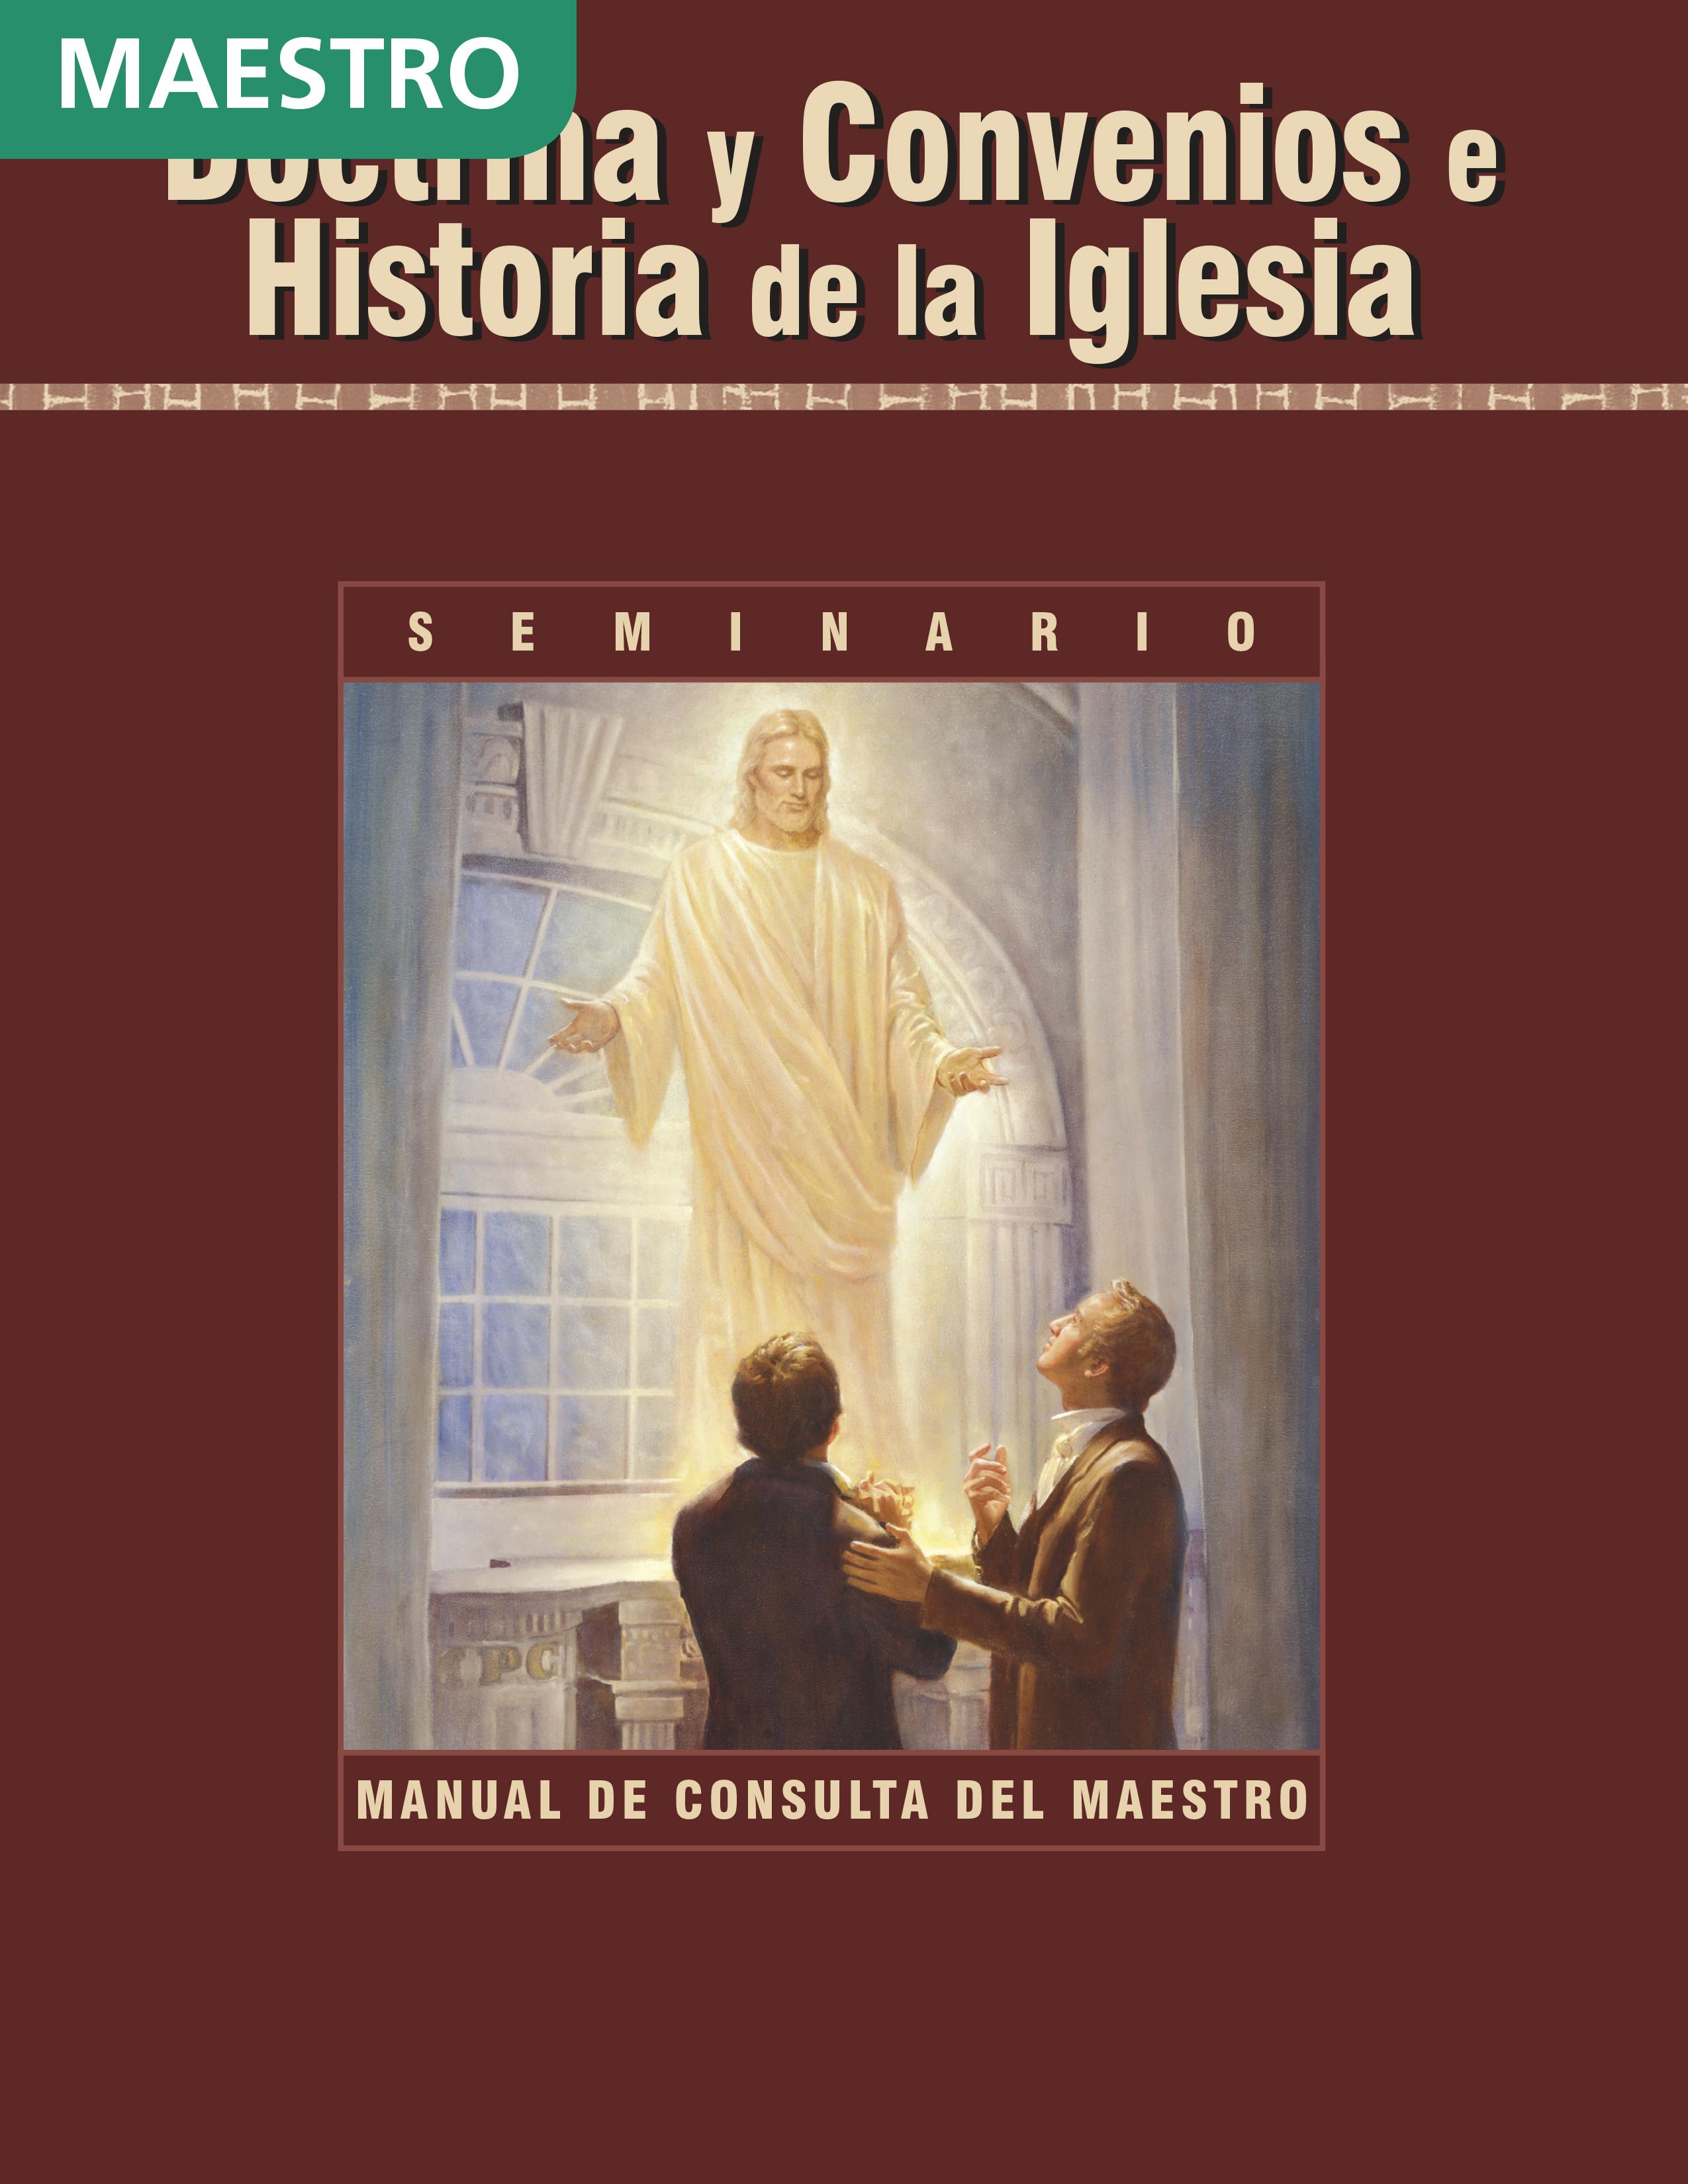 Doctrina y Convenios e Historia de la Iglesia: Manual de consulta del maestro de Seminario